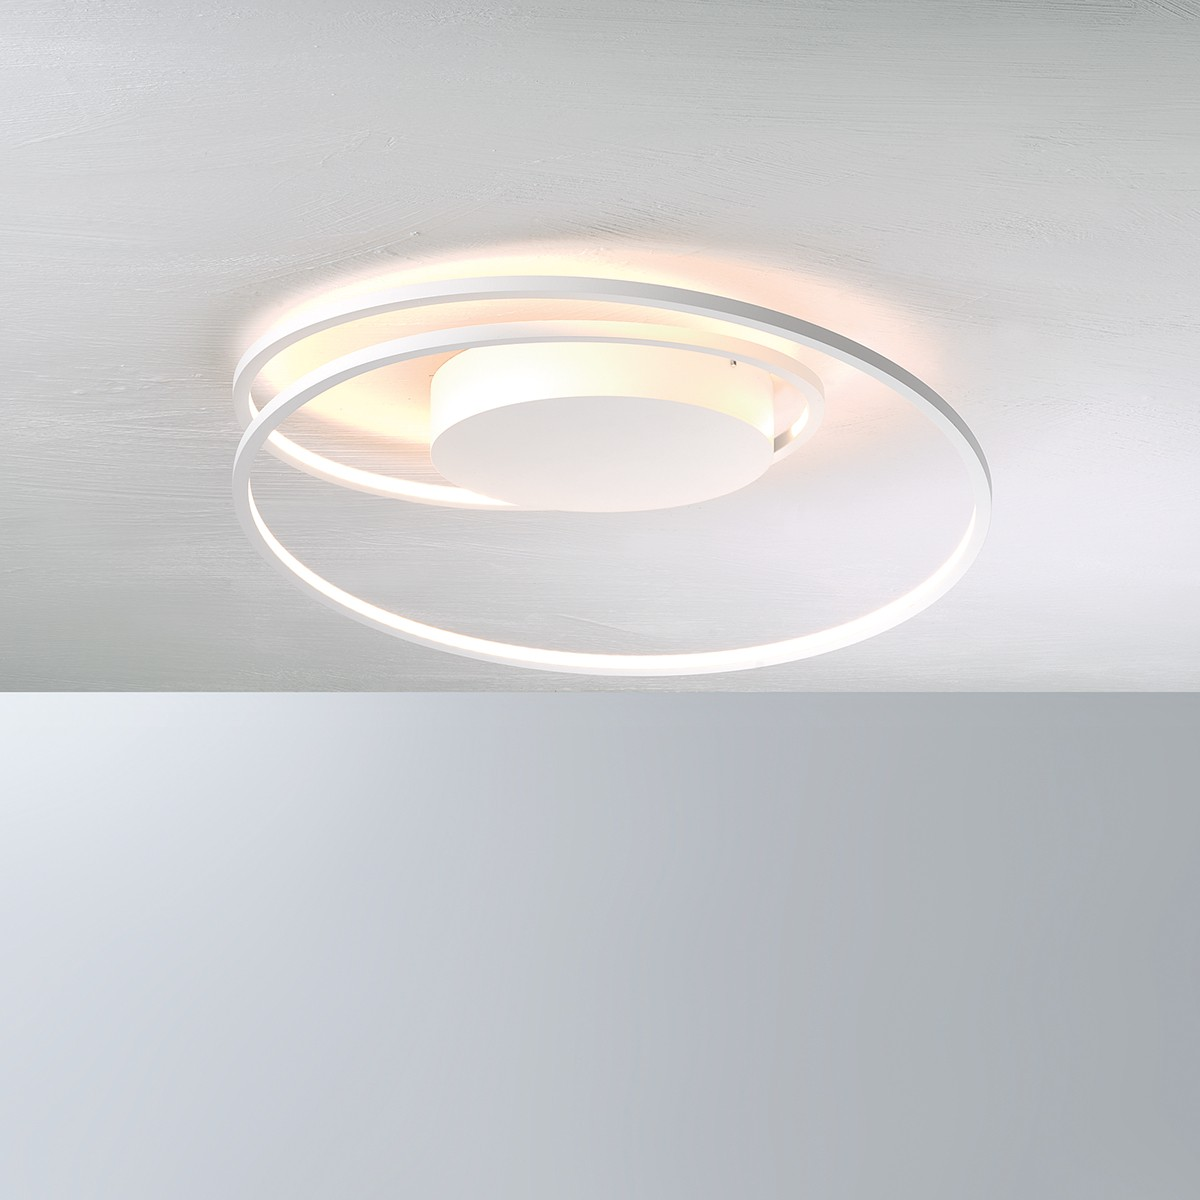 Bopp AT Deckenleuchte mit Modul, weiß, Ø: 45 cm